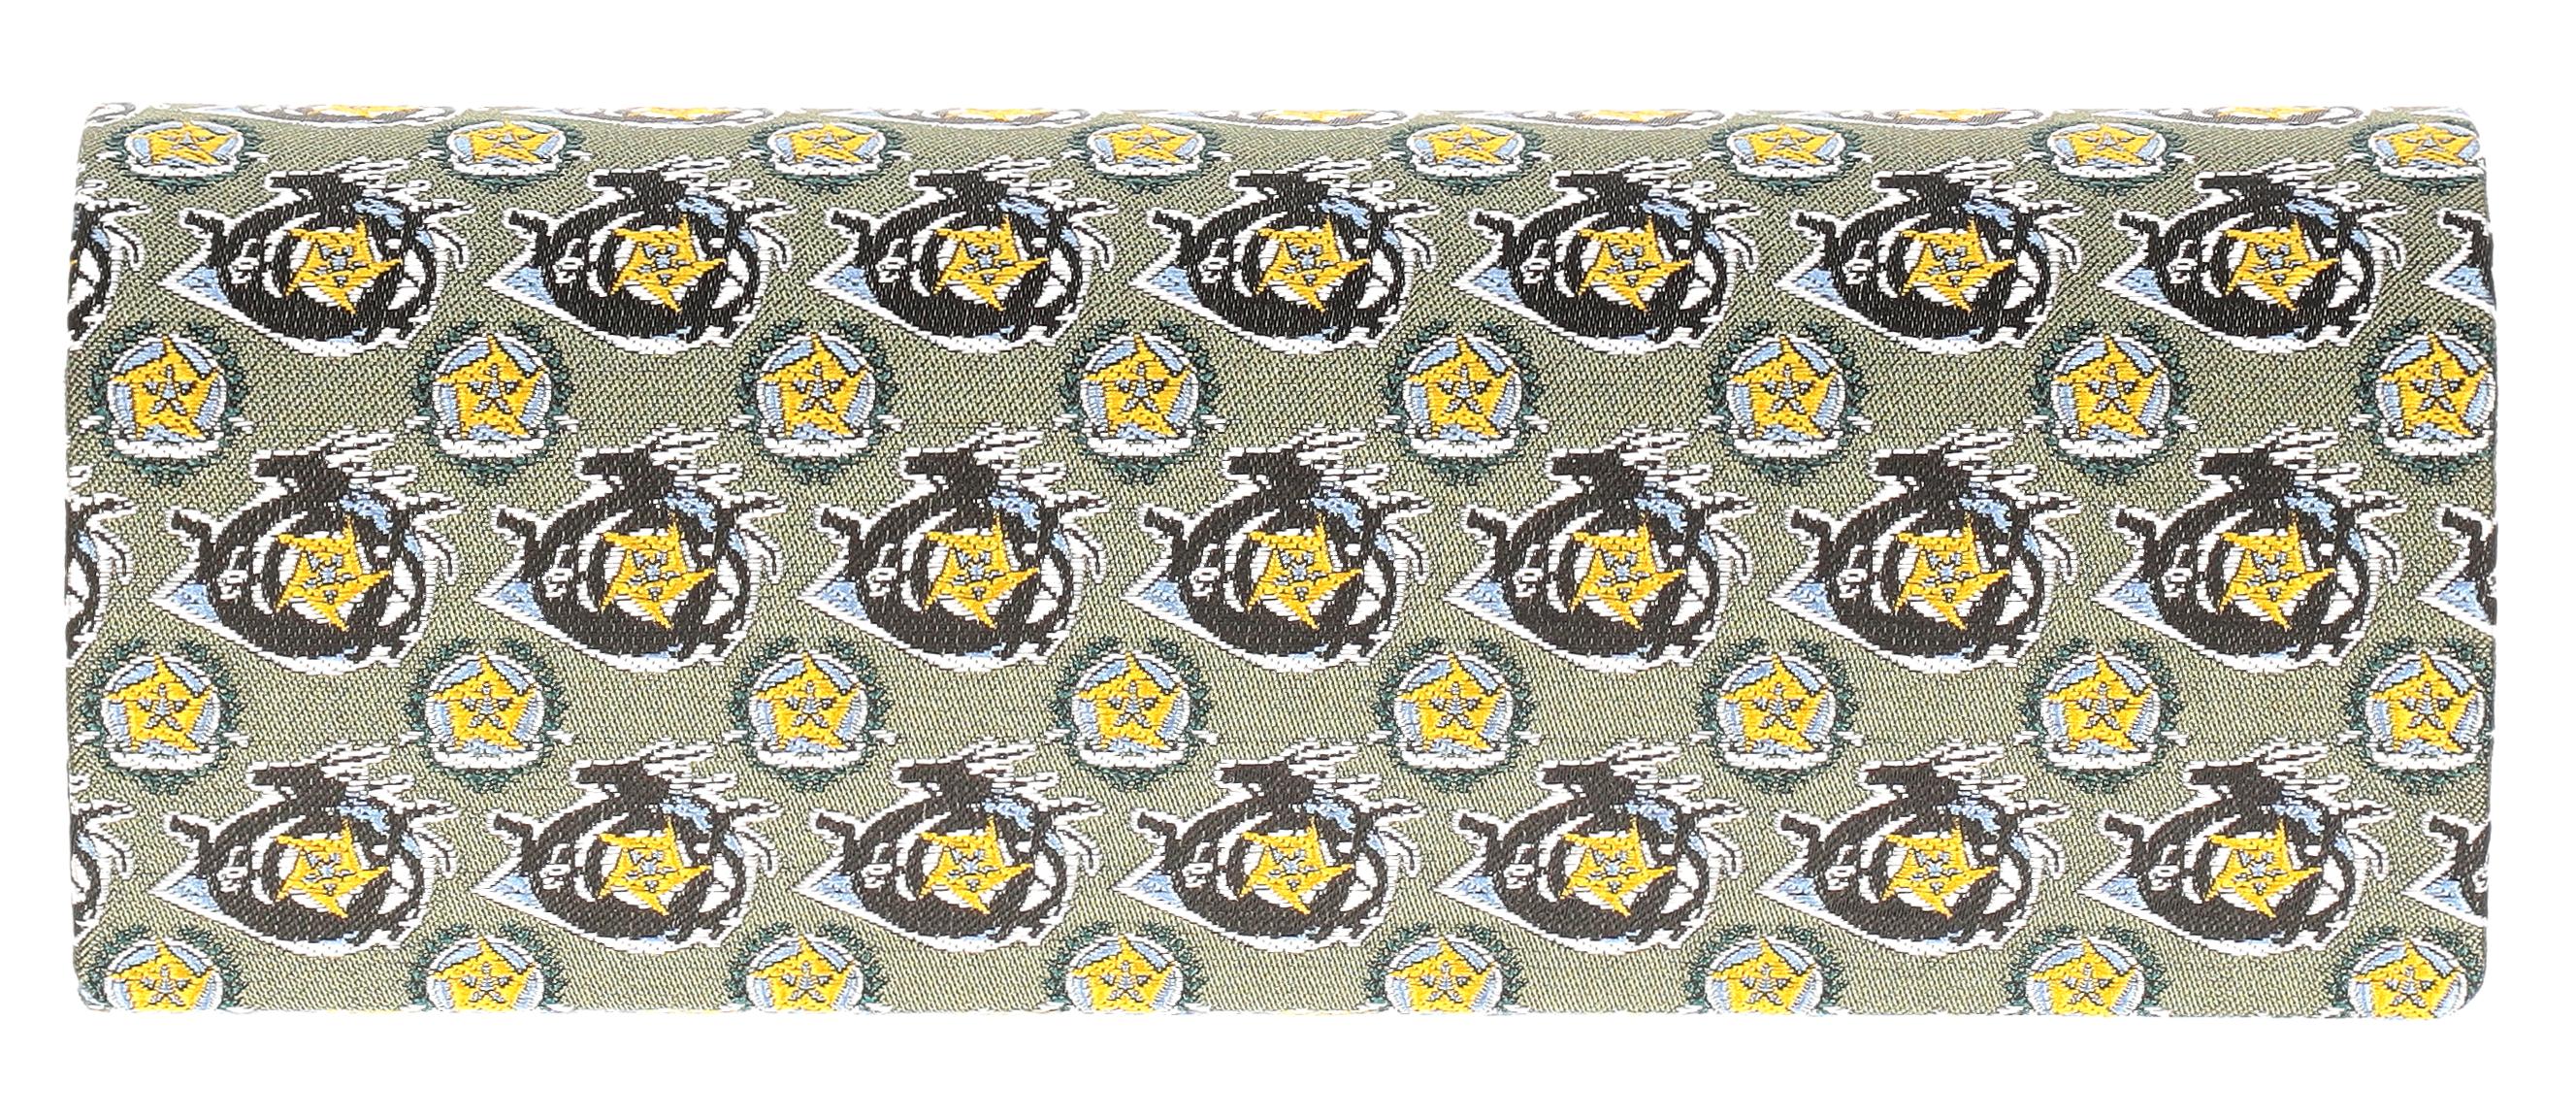 ジャガードシリーズイゼルローン駐留艦隊【眼鏡ケース】